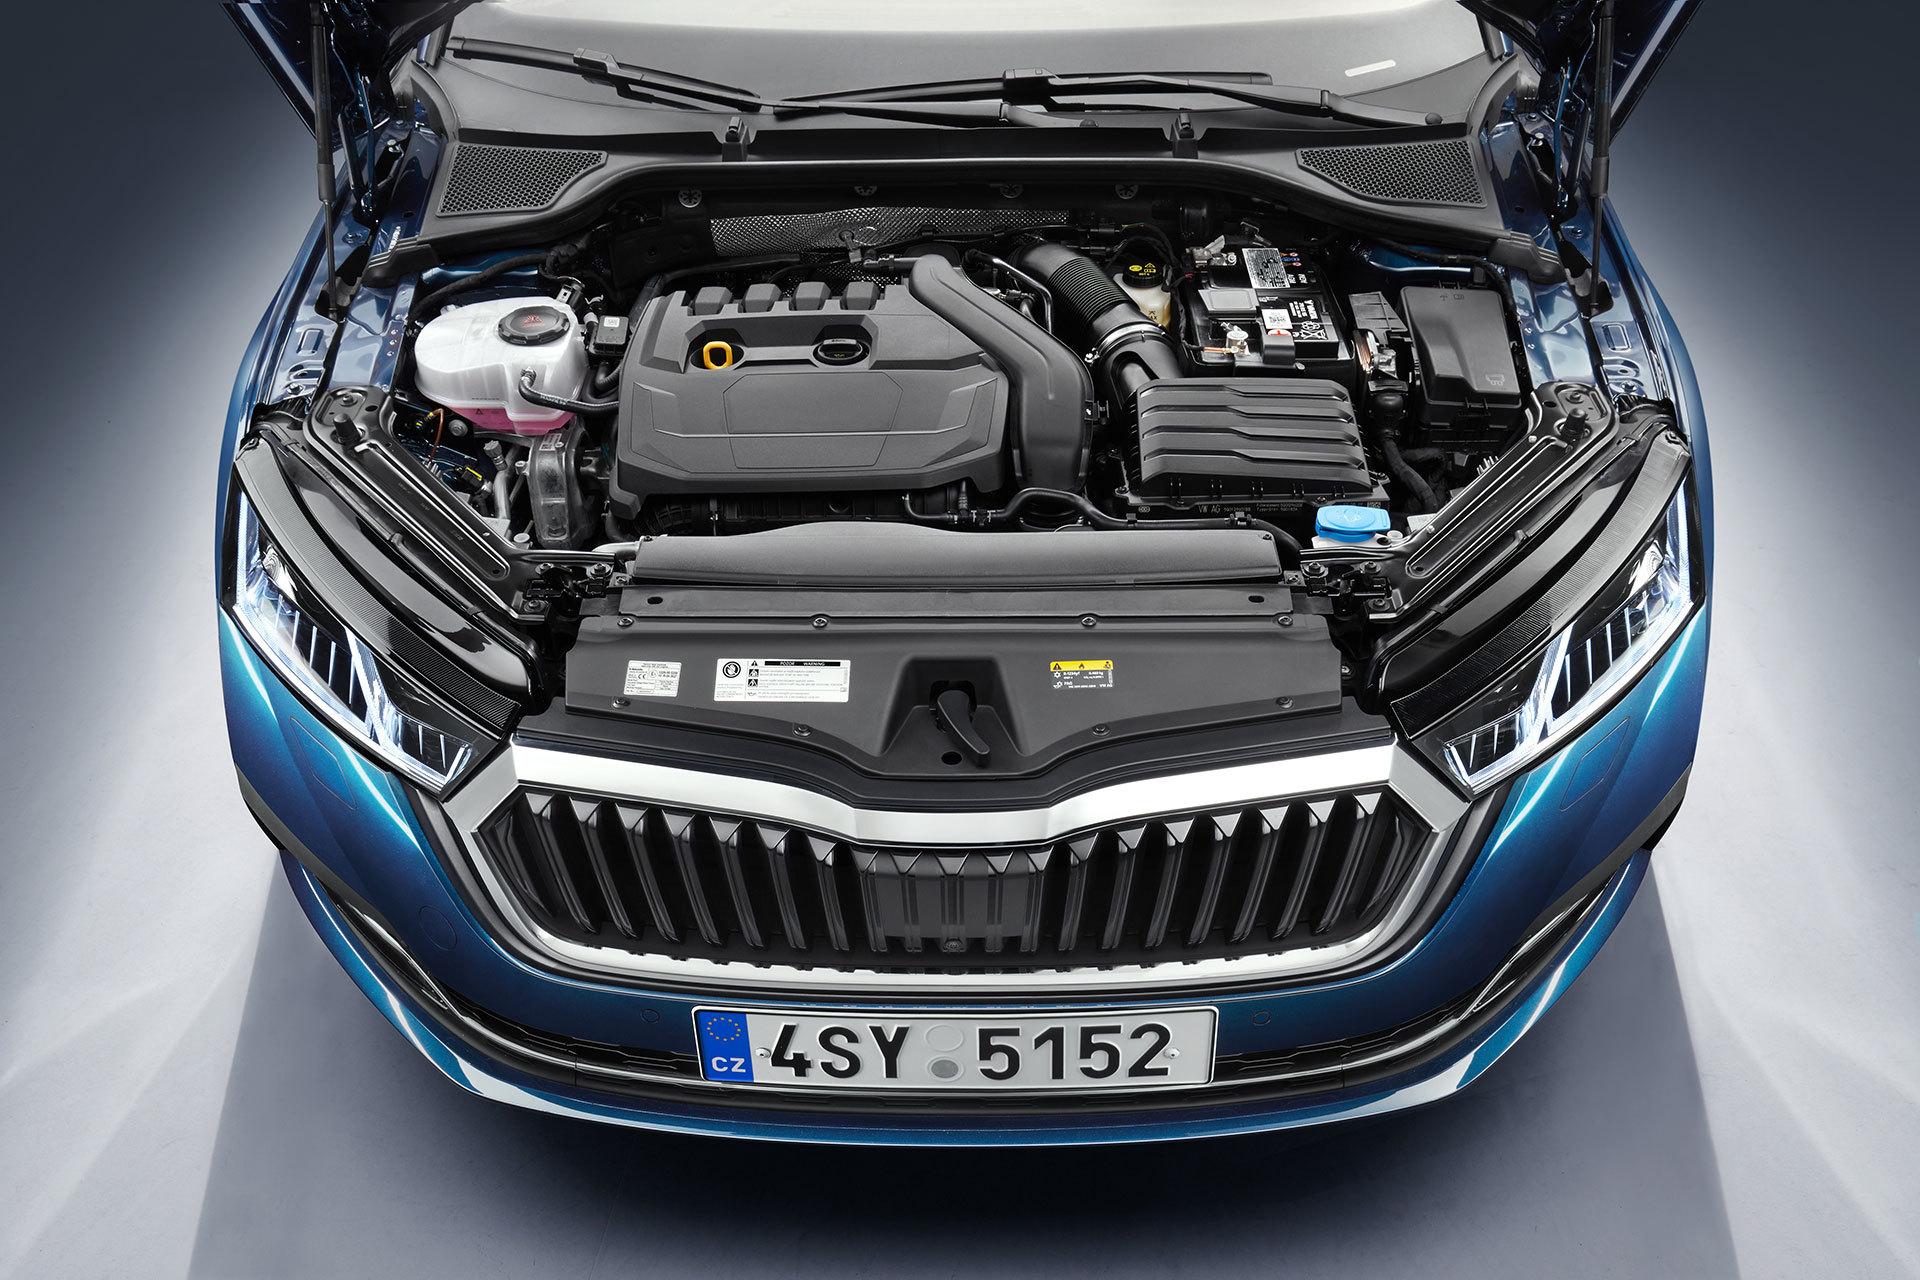 Skoda Octavia 2020 Motor